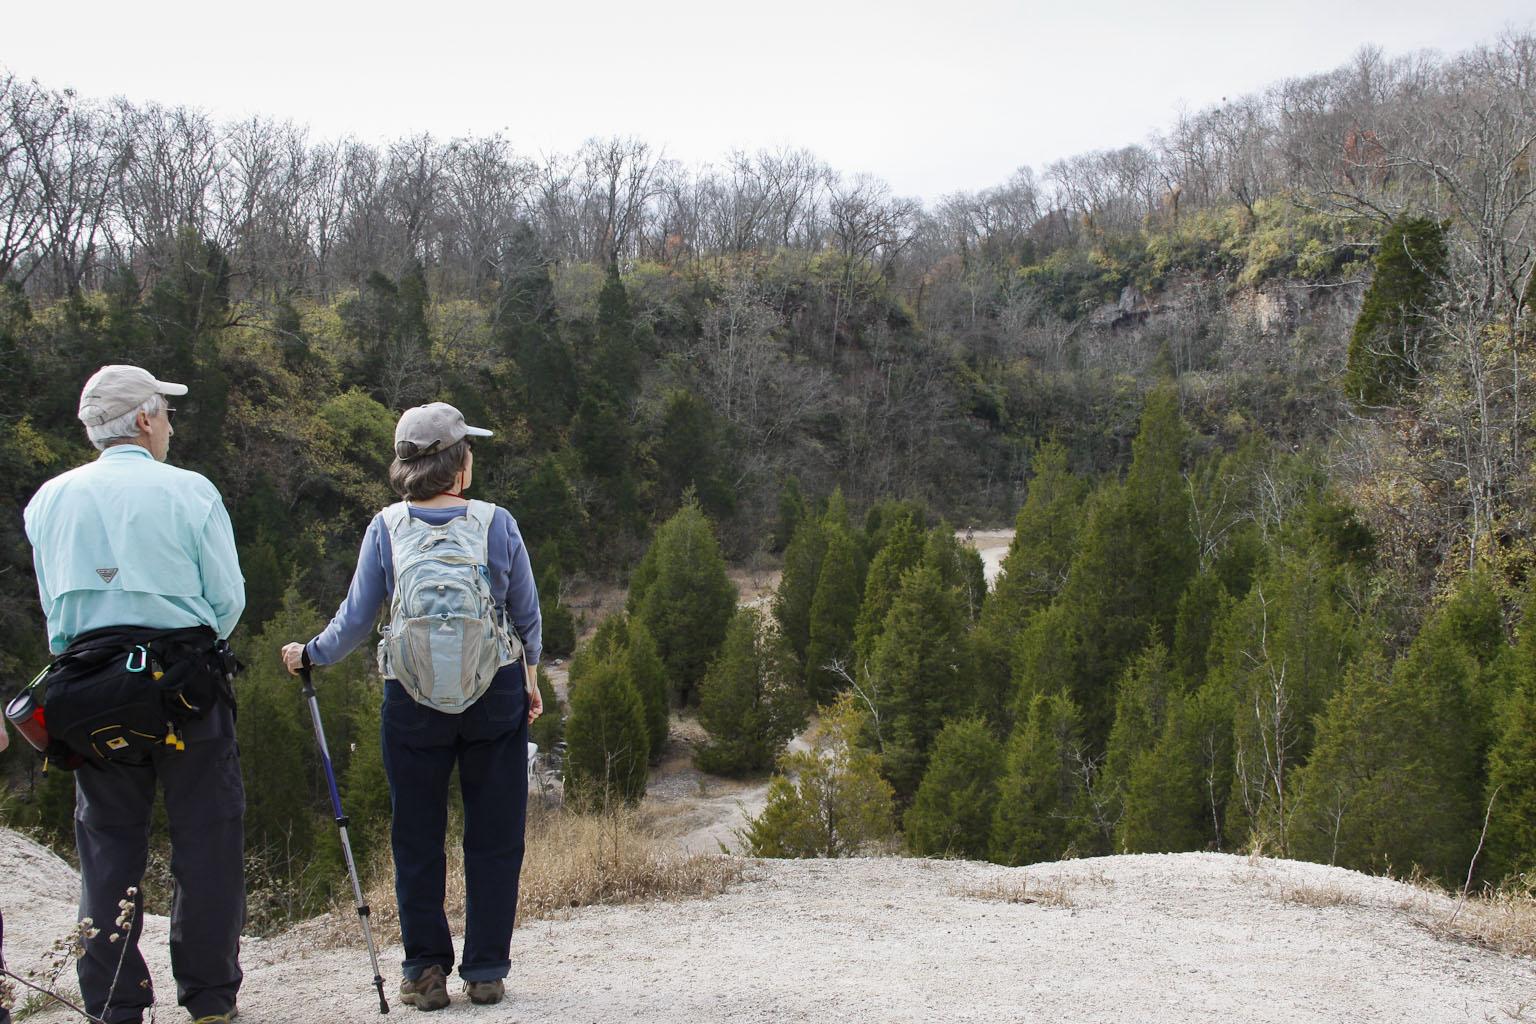 26 Best Outdoor Adventure images